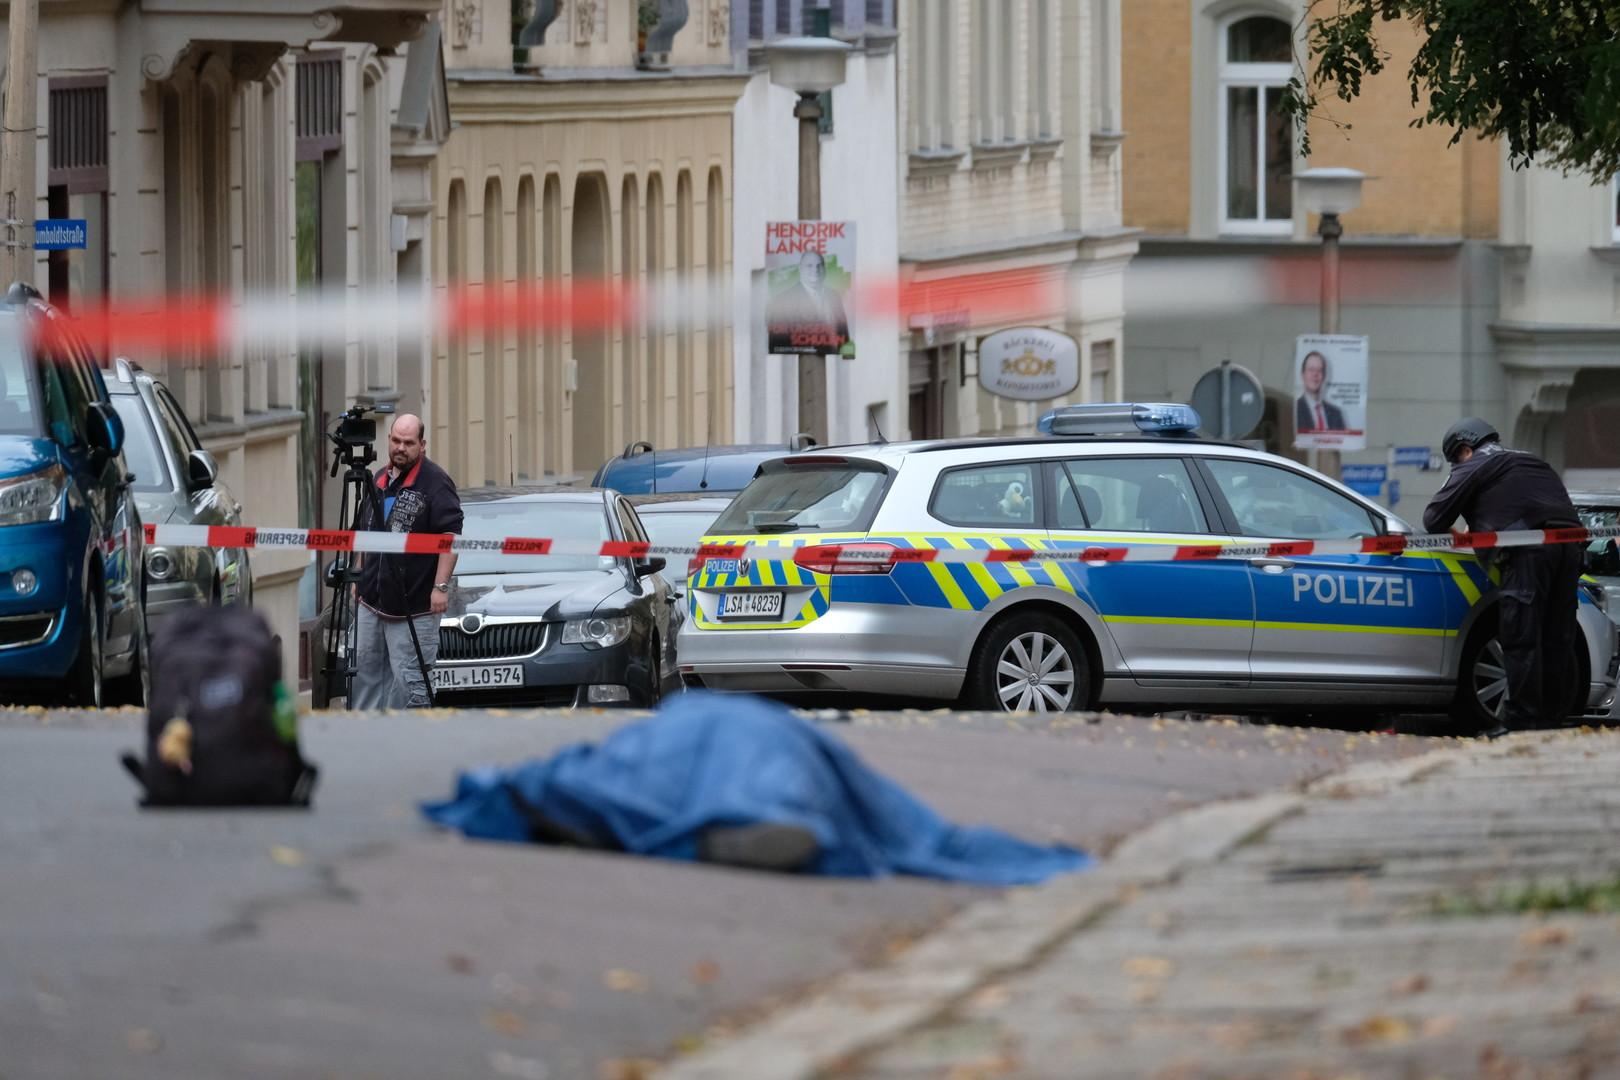 Anschlag in Halle/Saale: Jüdische Gemeinde beklagt fehlenden Polizeischutz